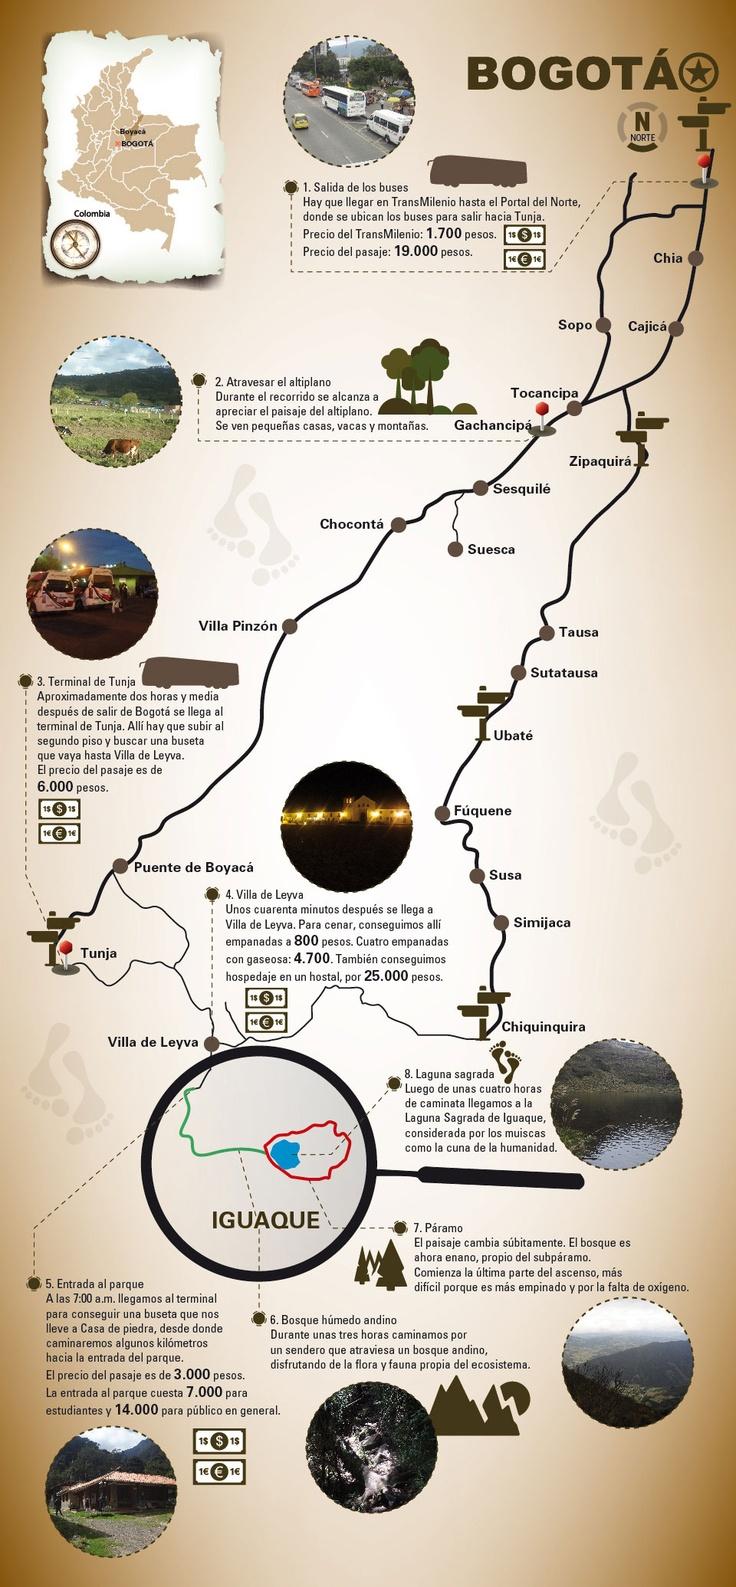 Especial mochilero: recorrido Iguaque (infografía) + Especiales   ADN